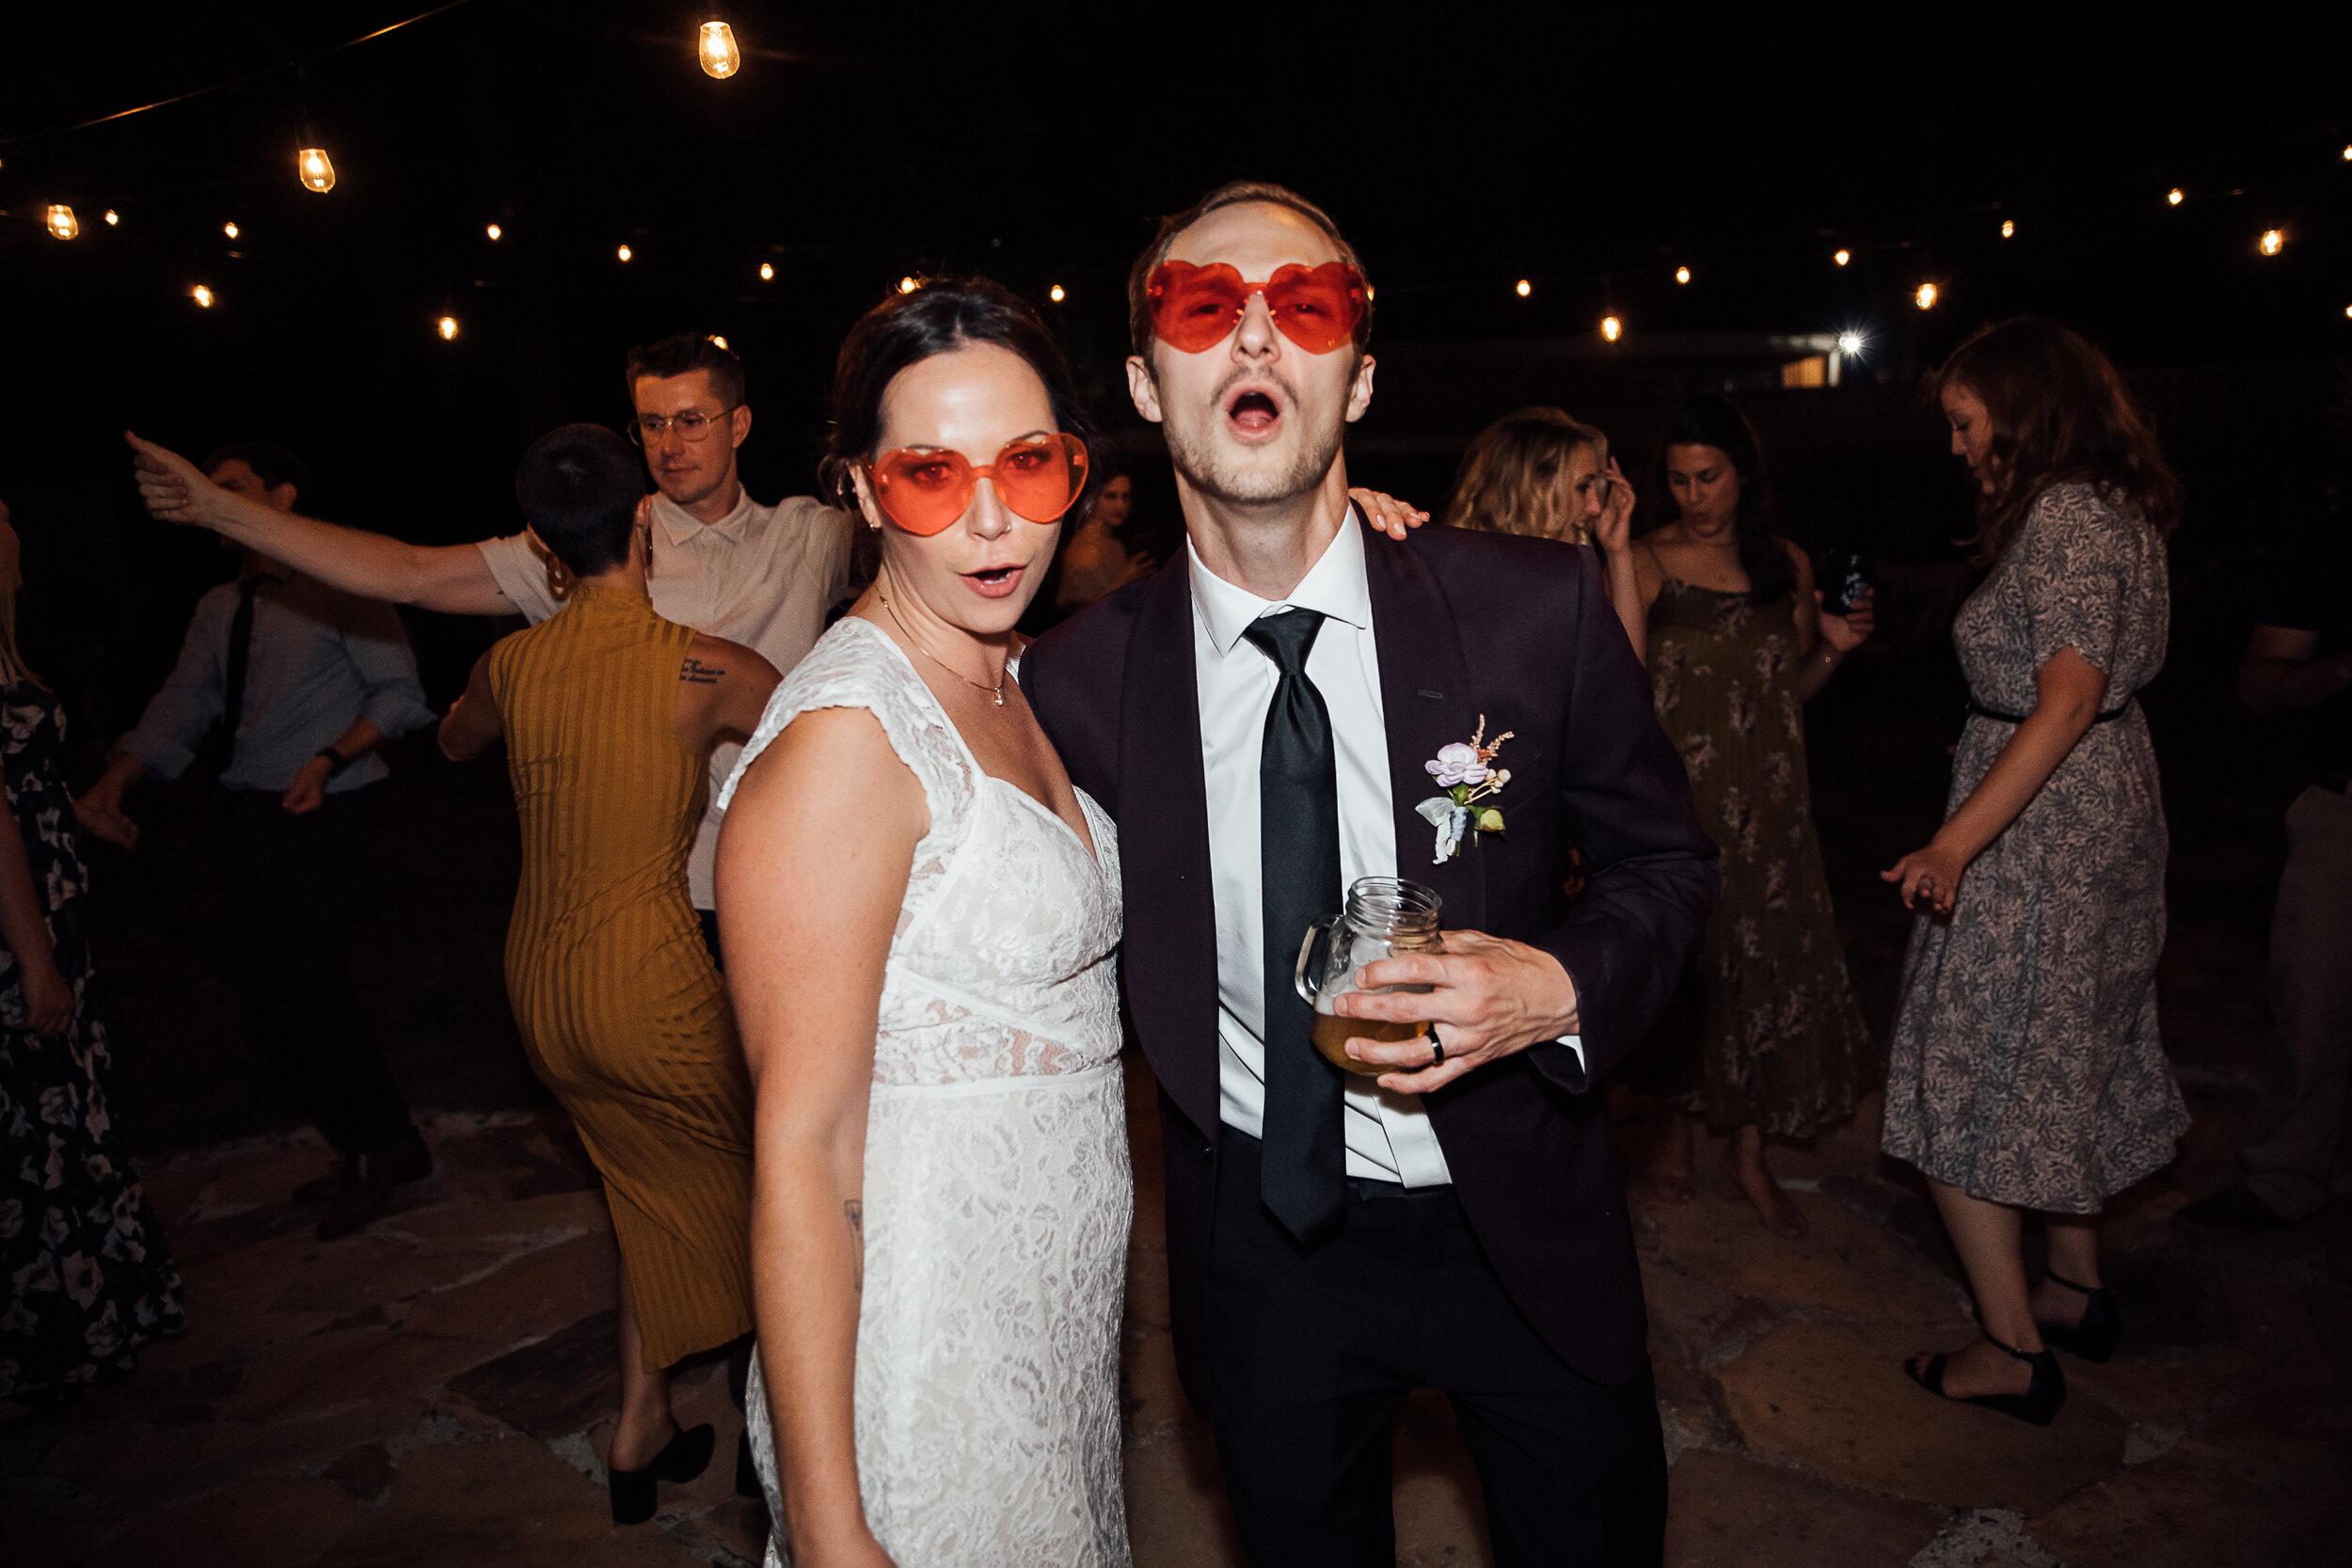 Allison-and-Wesley-Memphis-Backyard-Wedding-TheWarmthAroundYou-80.jpg